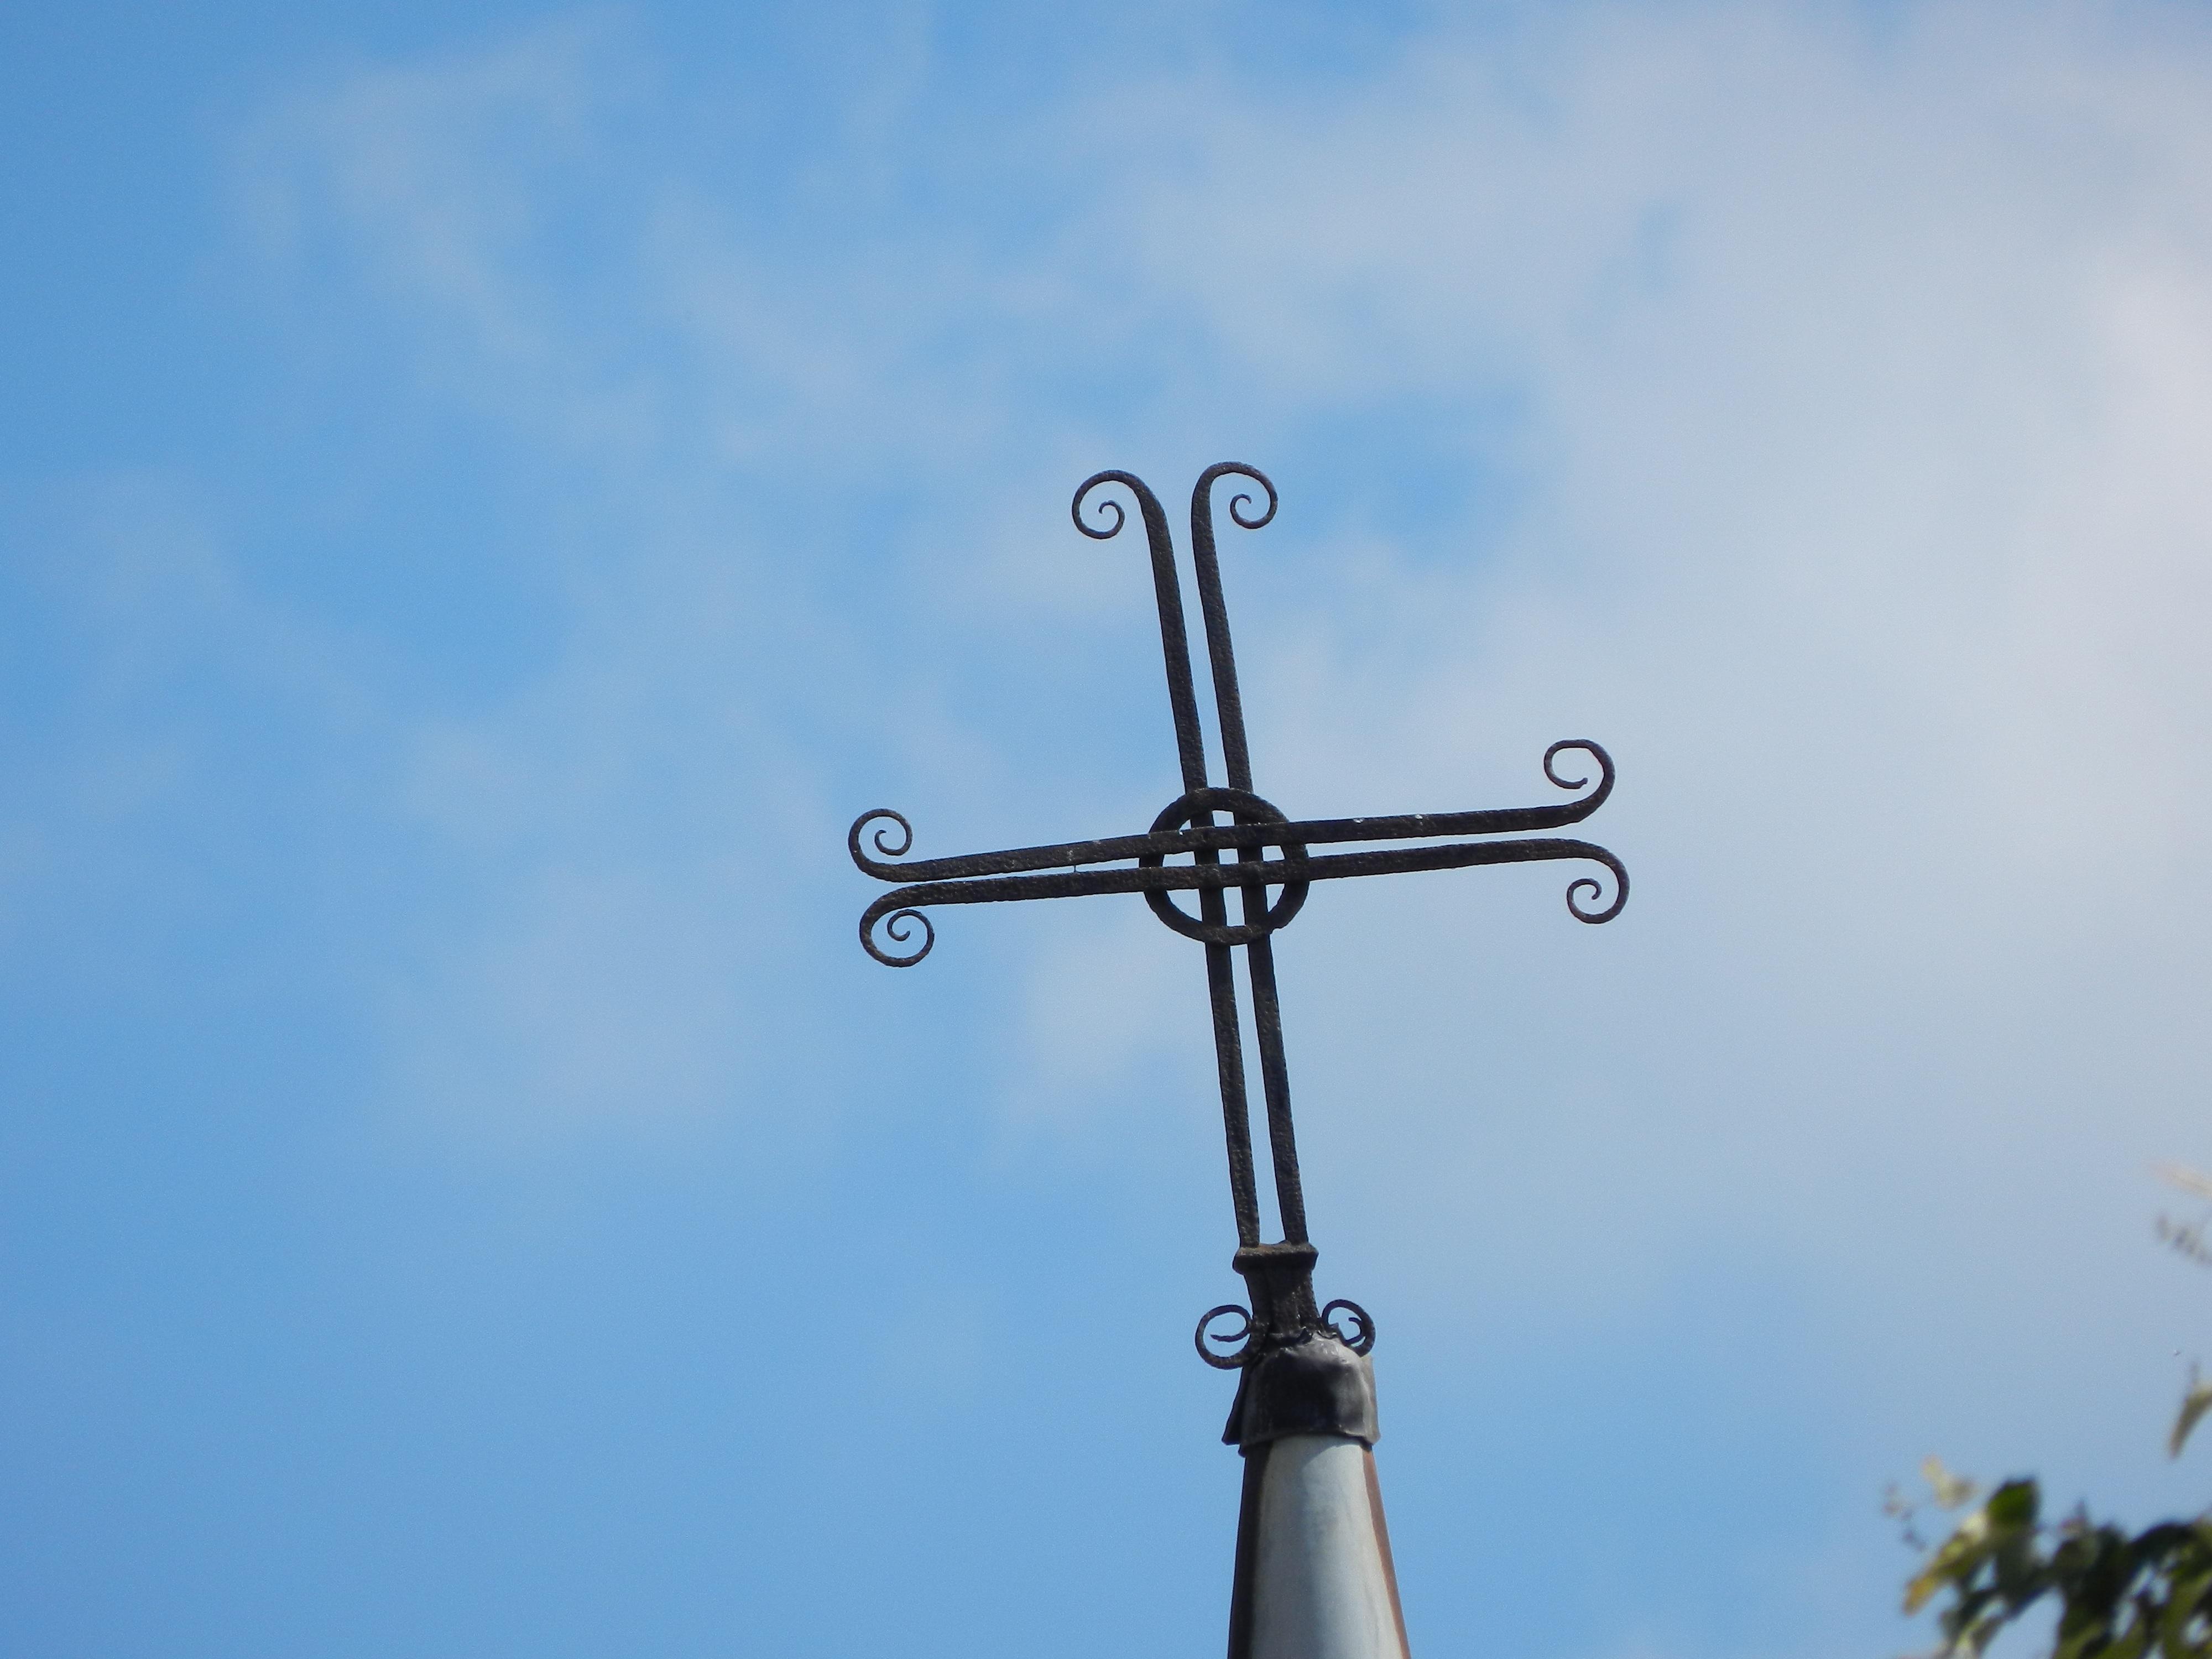 Free Images Sky Symbol Mast Blue Wind Turbine Street Light